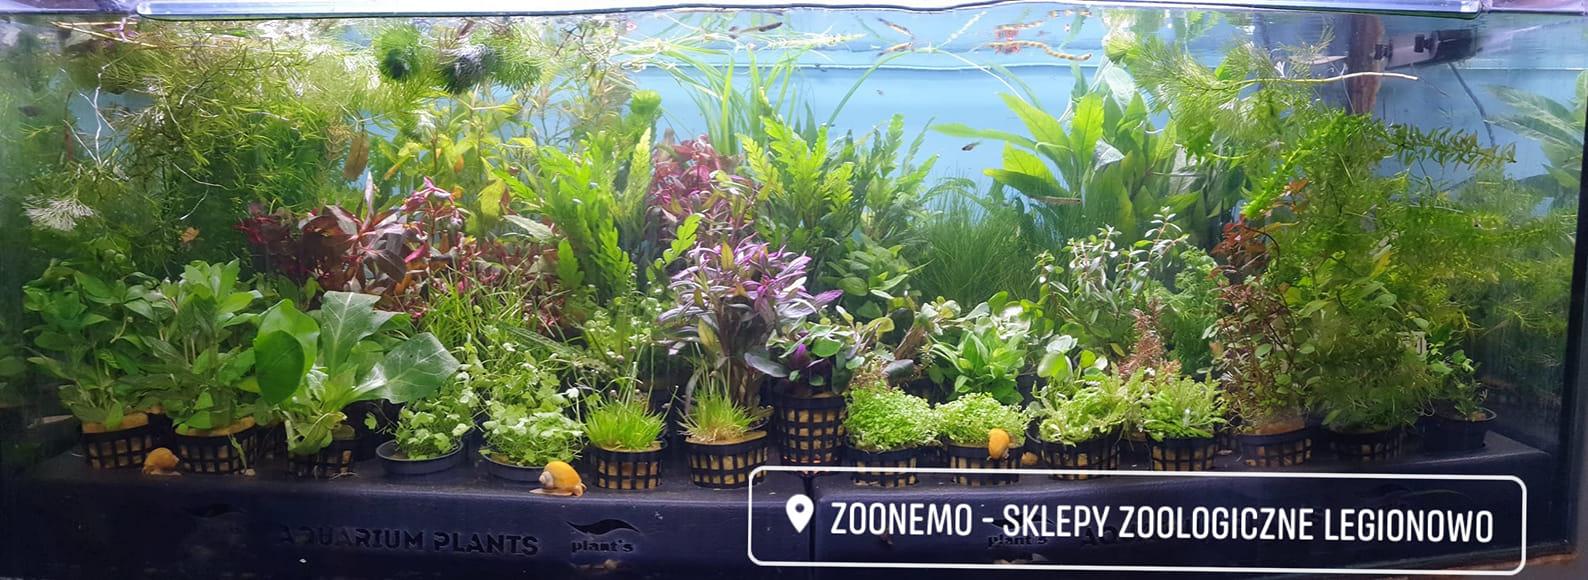 rośliny akwarium Legionowo Nowy Dwór Mazowiecki ZooNemo